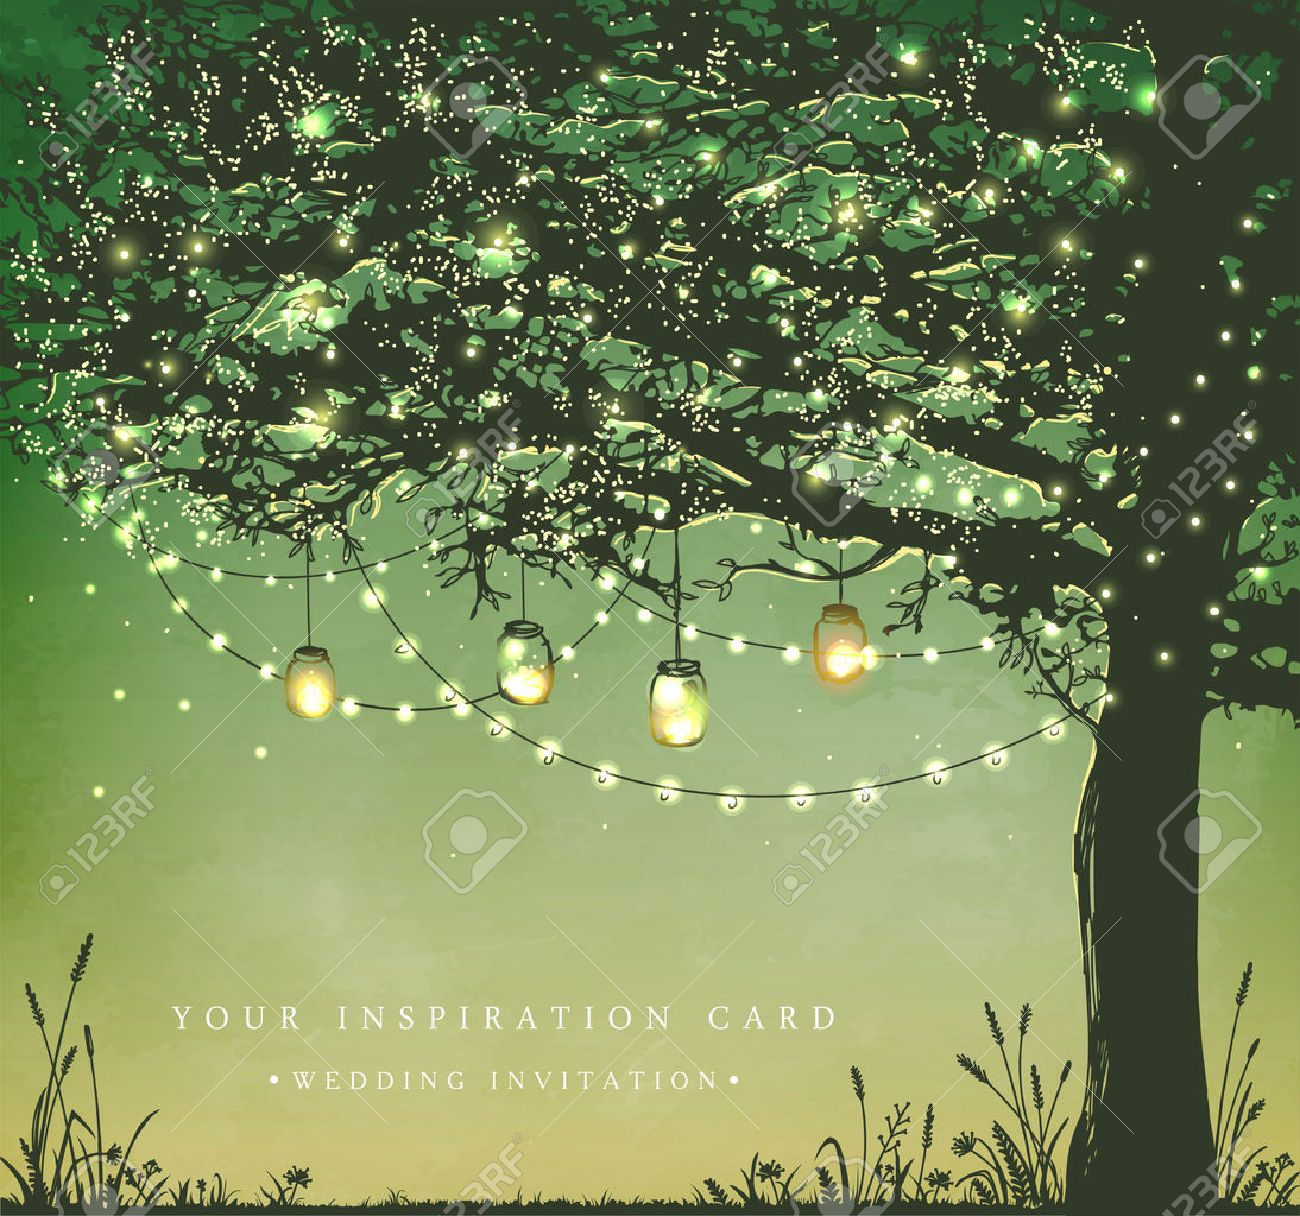 Colgando Las Luces Navideñas De Decoración Para Una Fiesta De Patio Trasero Invitación De La Fiesta De Jardín Tarjeta De Inspiración Para La Boda